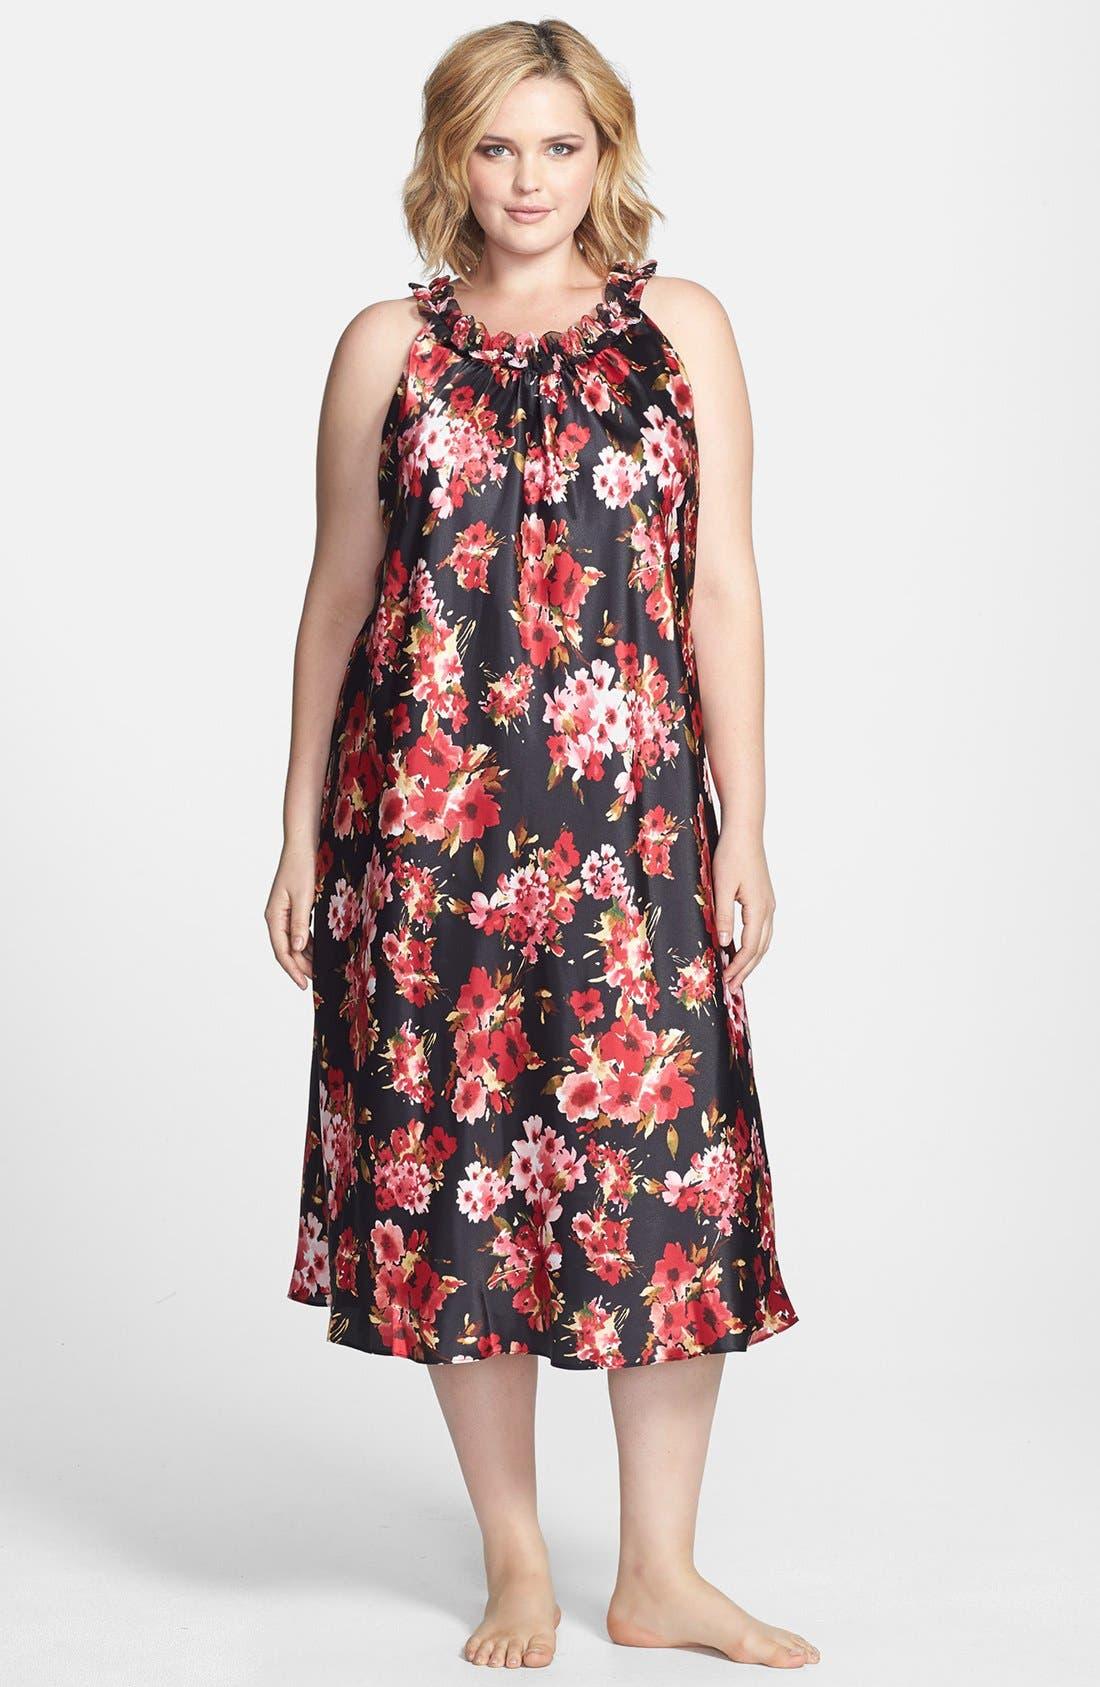 Alternate Image 1 Selected - Oscar de la Renta Sleepwear 'Holiday Bouquet' Long Nightgown (Plus Size)